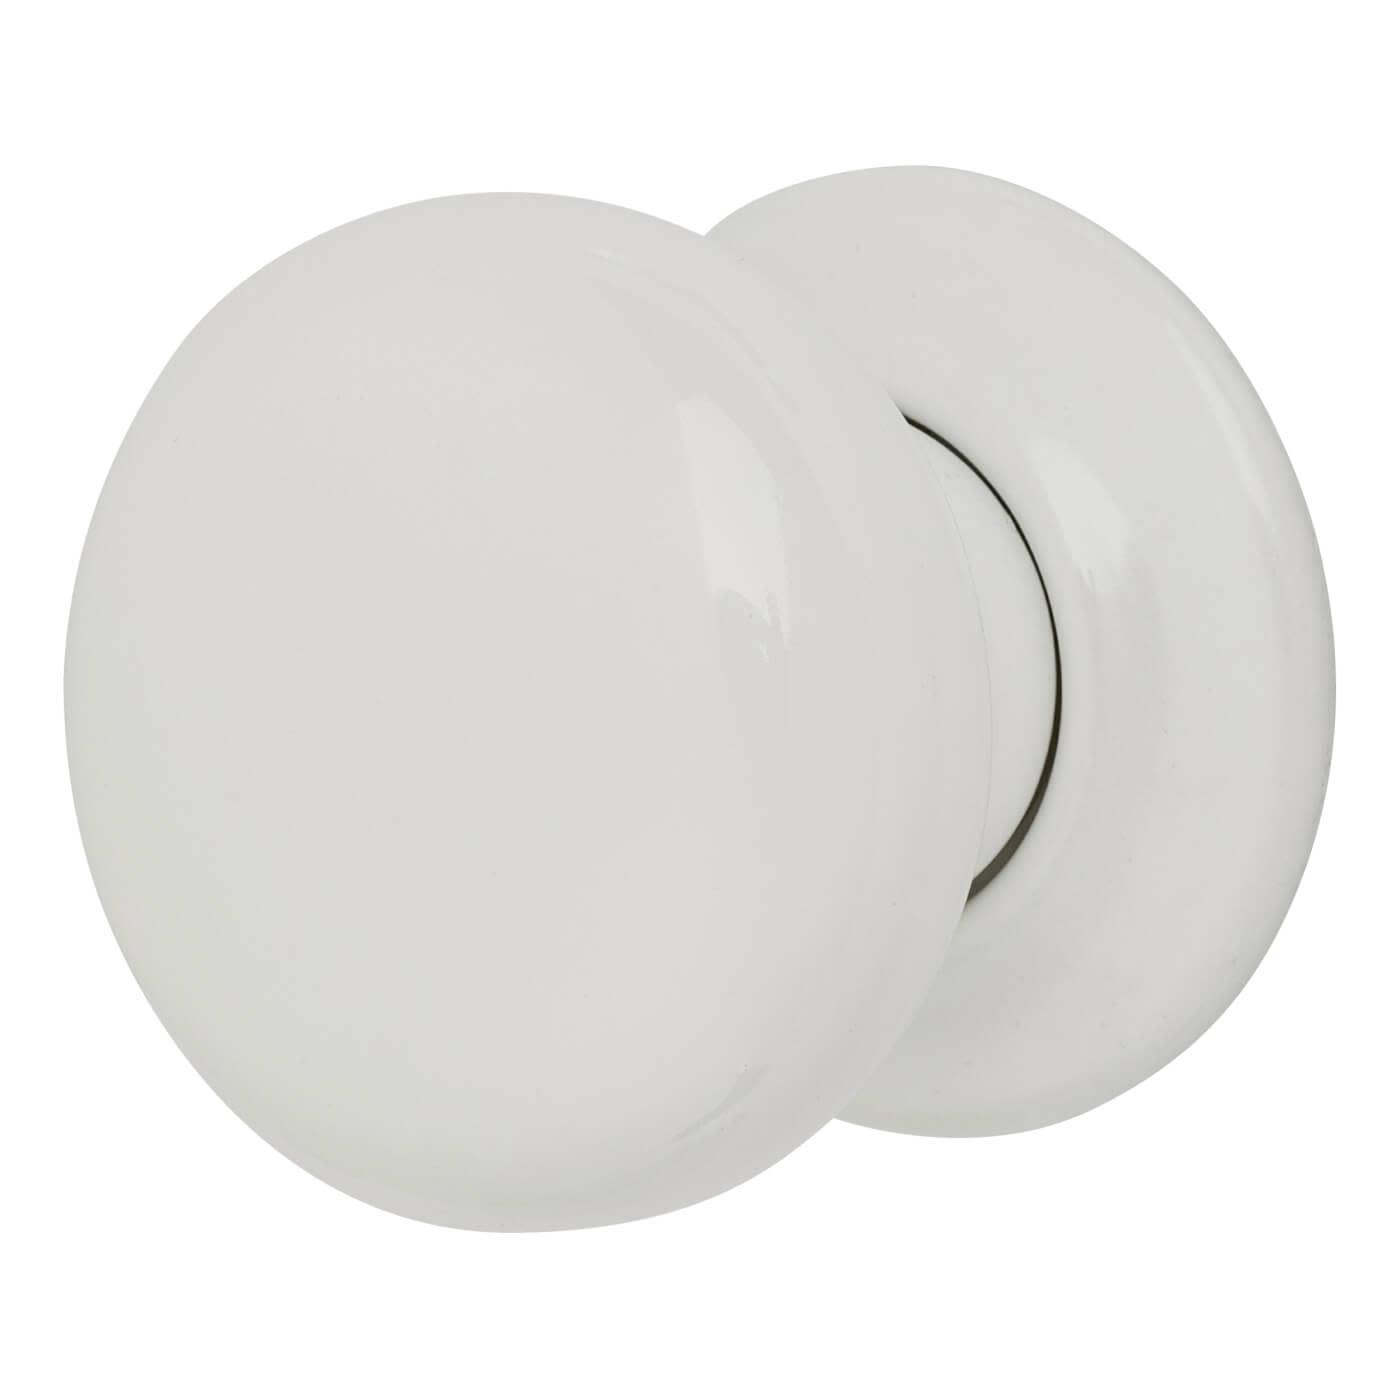 Porcelain Knobset - 57mm - White)